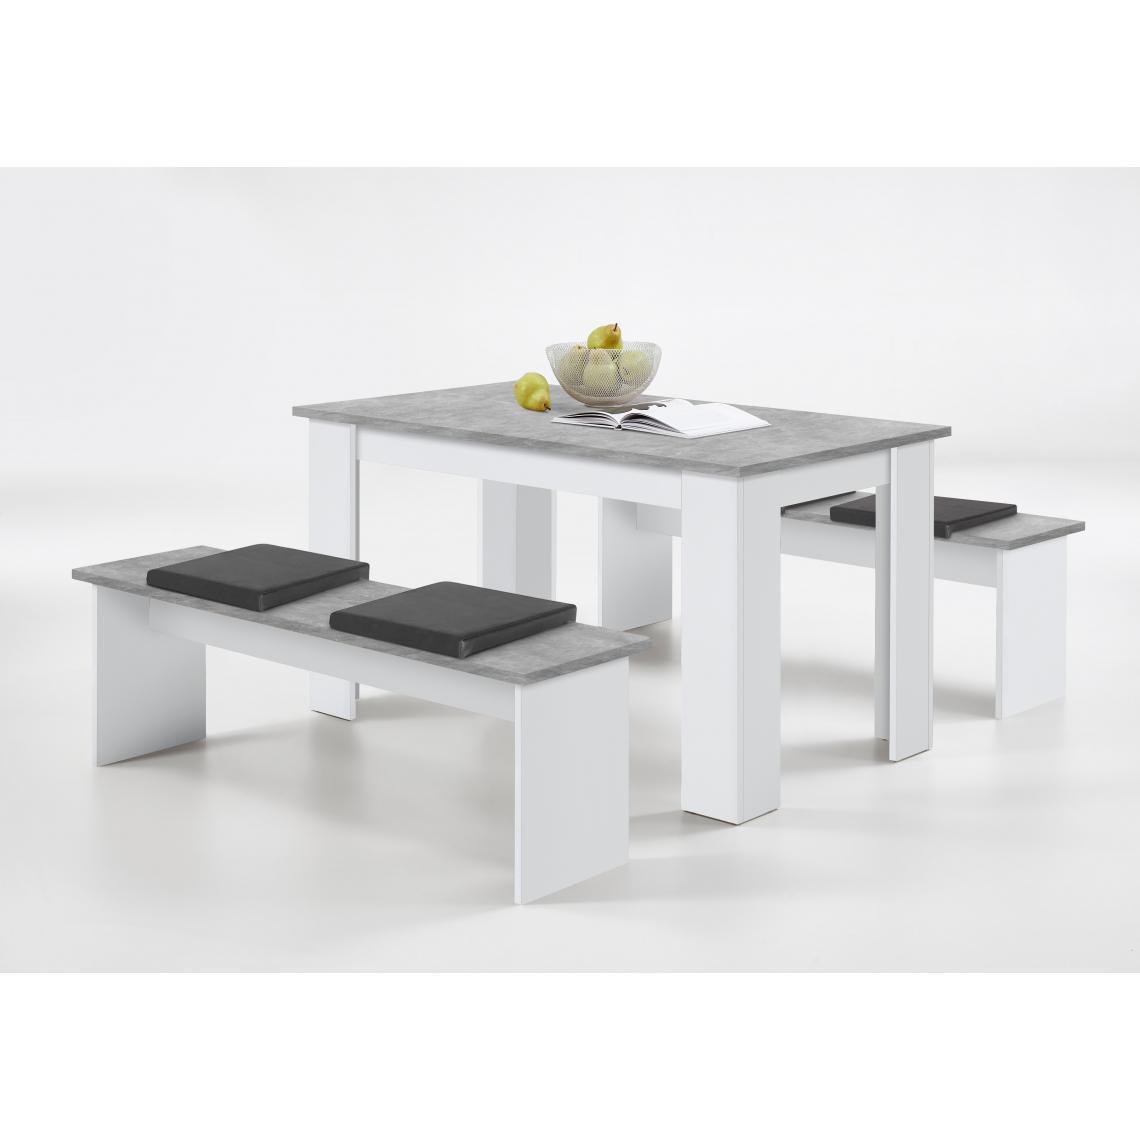 ensemble table 2 bancs gris beton blanc leyne